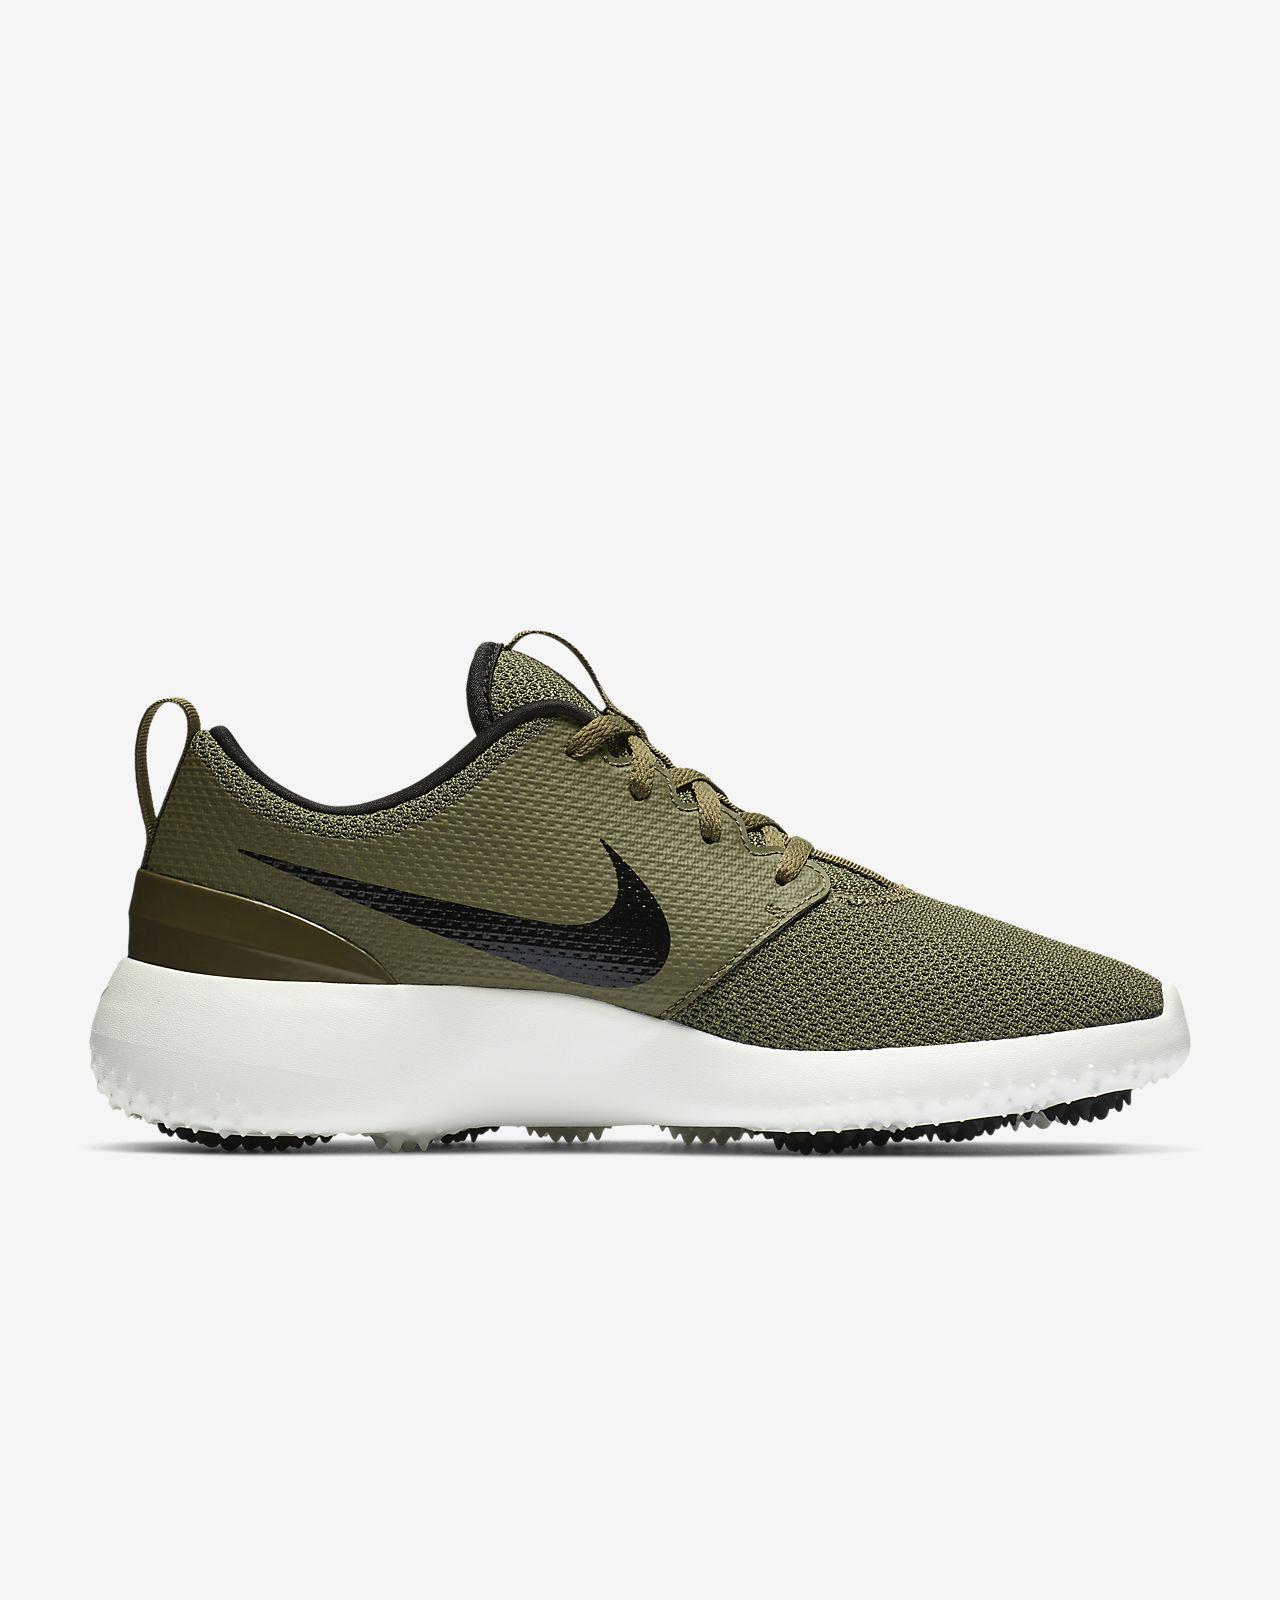 outlet store 80dbb 6957c ... Nike Roshe G Men s Golf Shoe